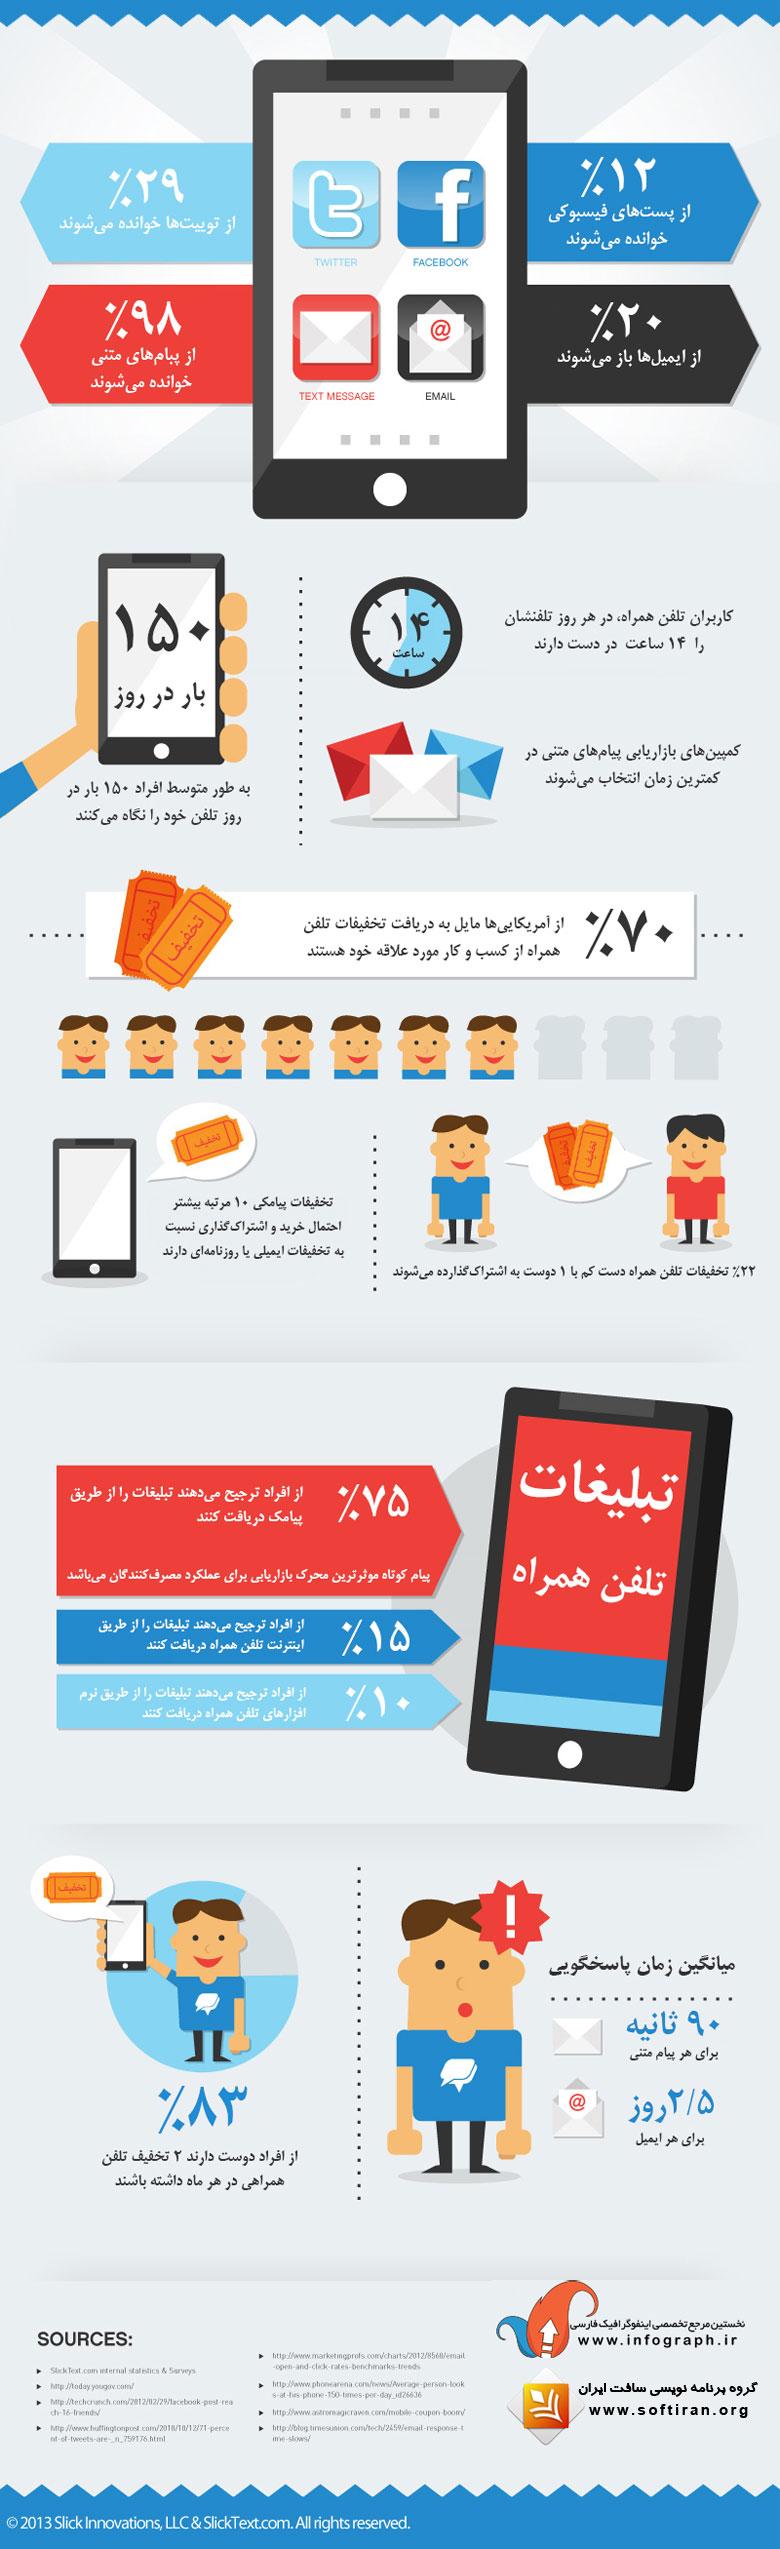 قدرت بازاریابی پیامکی در چیست ؟